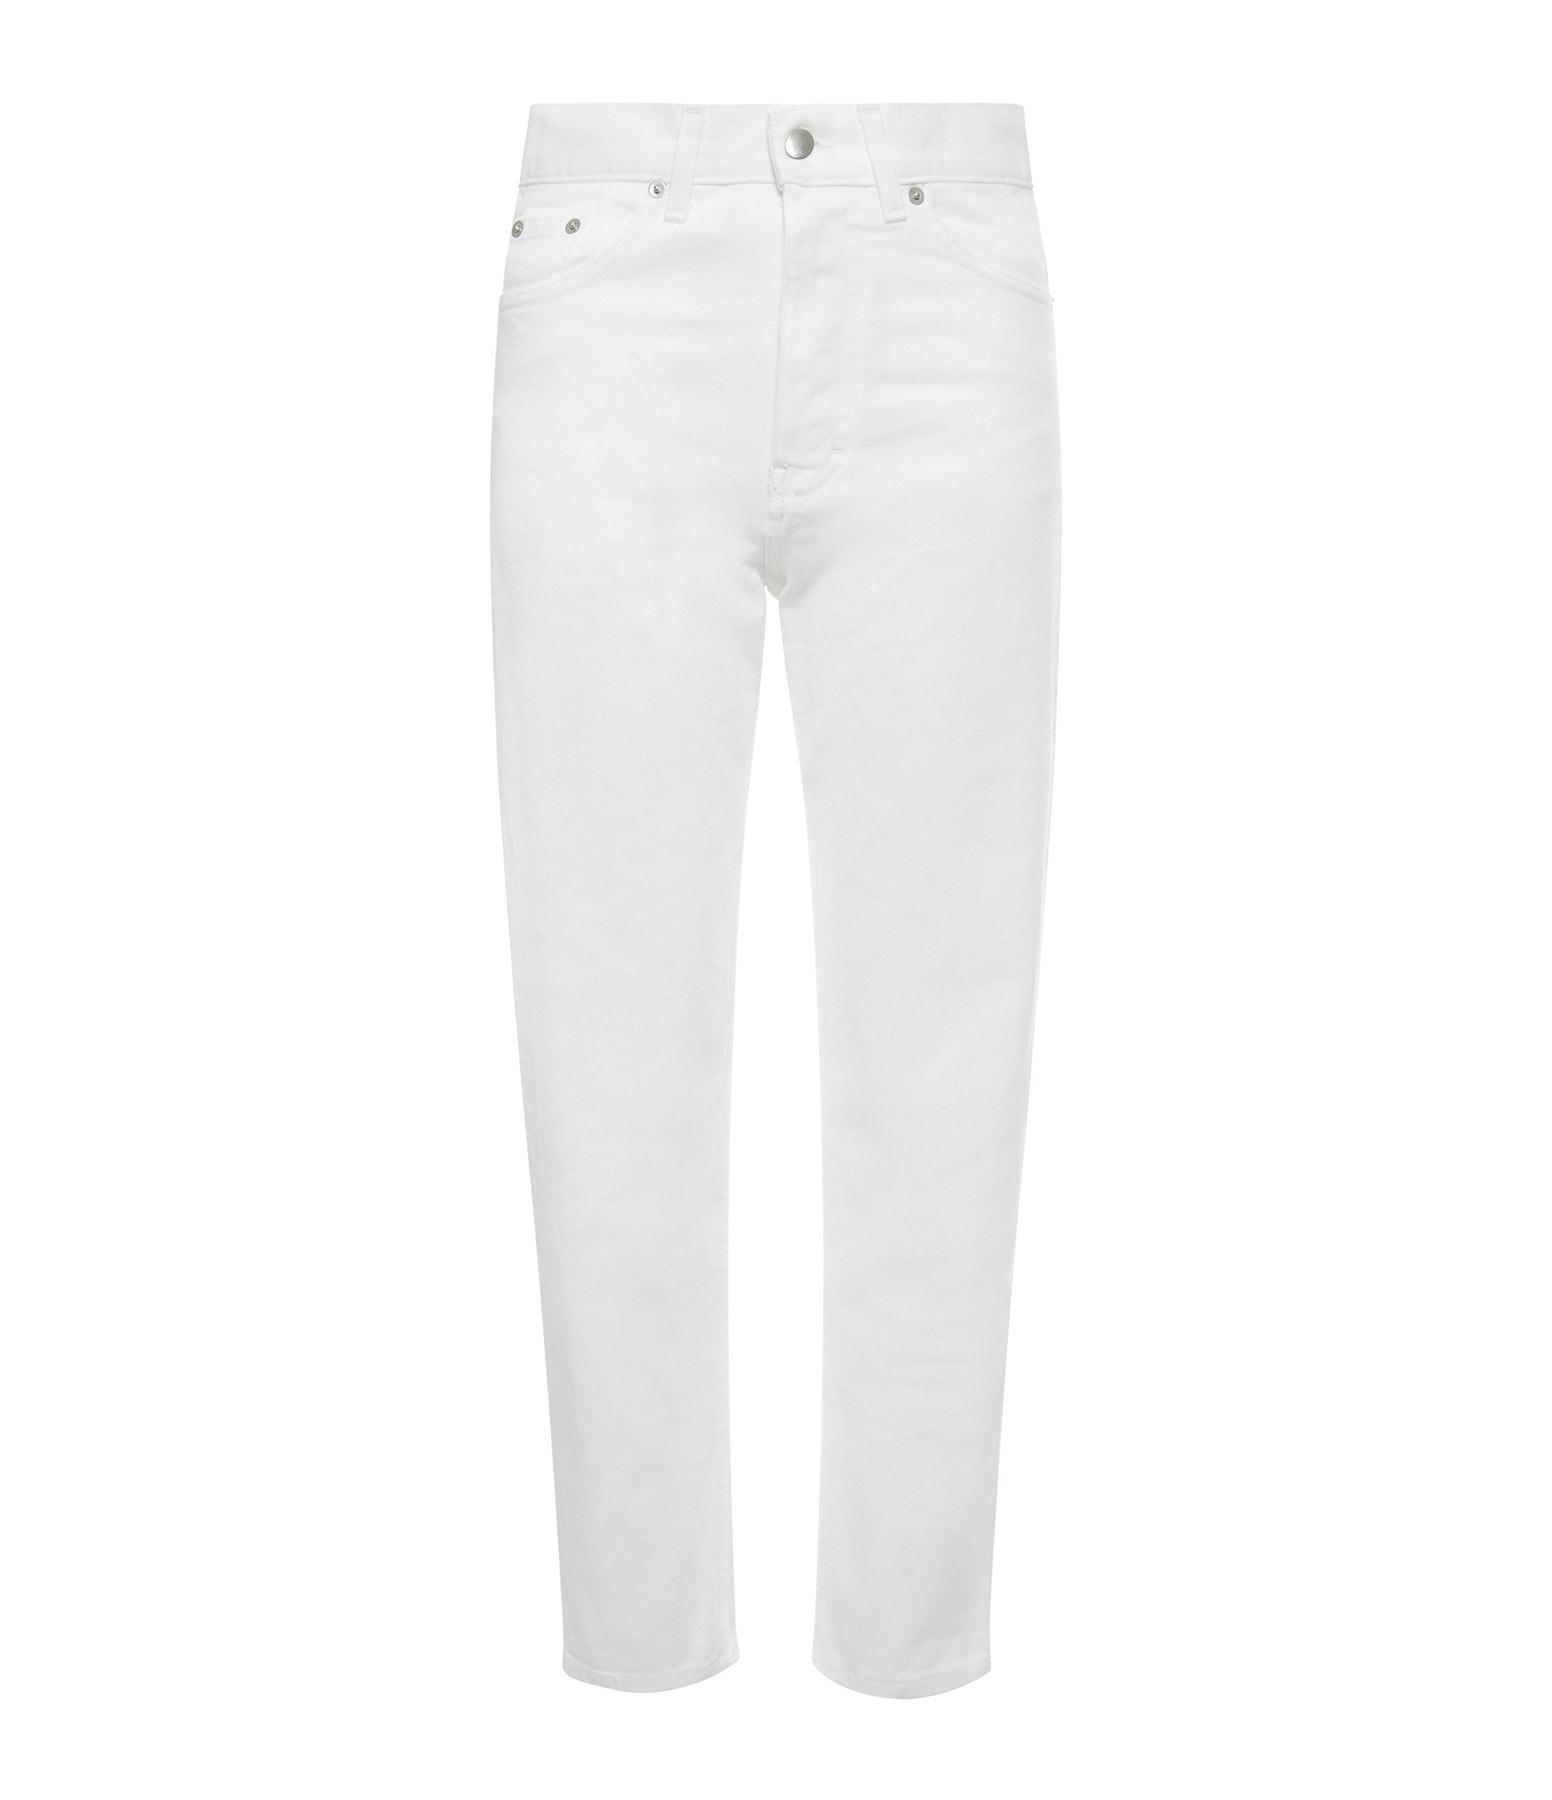 MARGAUX LONNBERG - Pantalon Spark Blanc